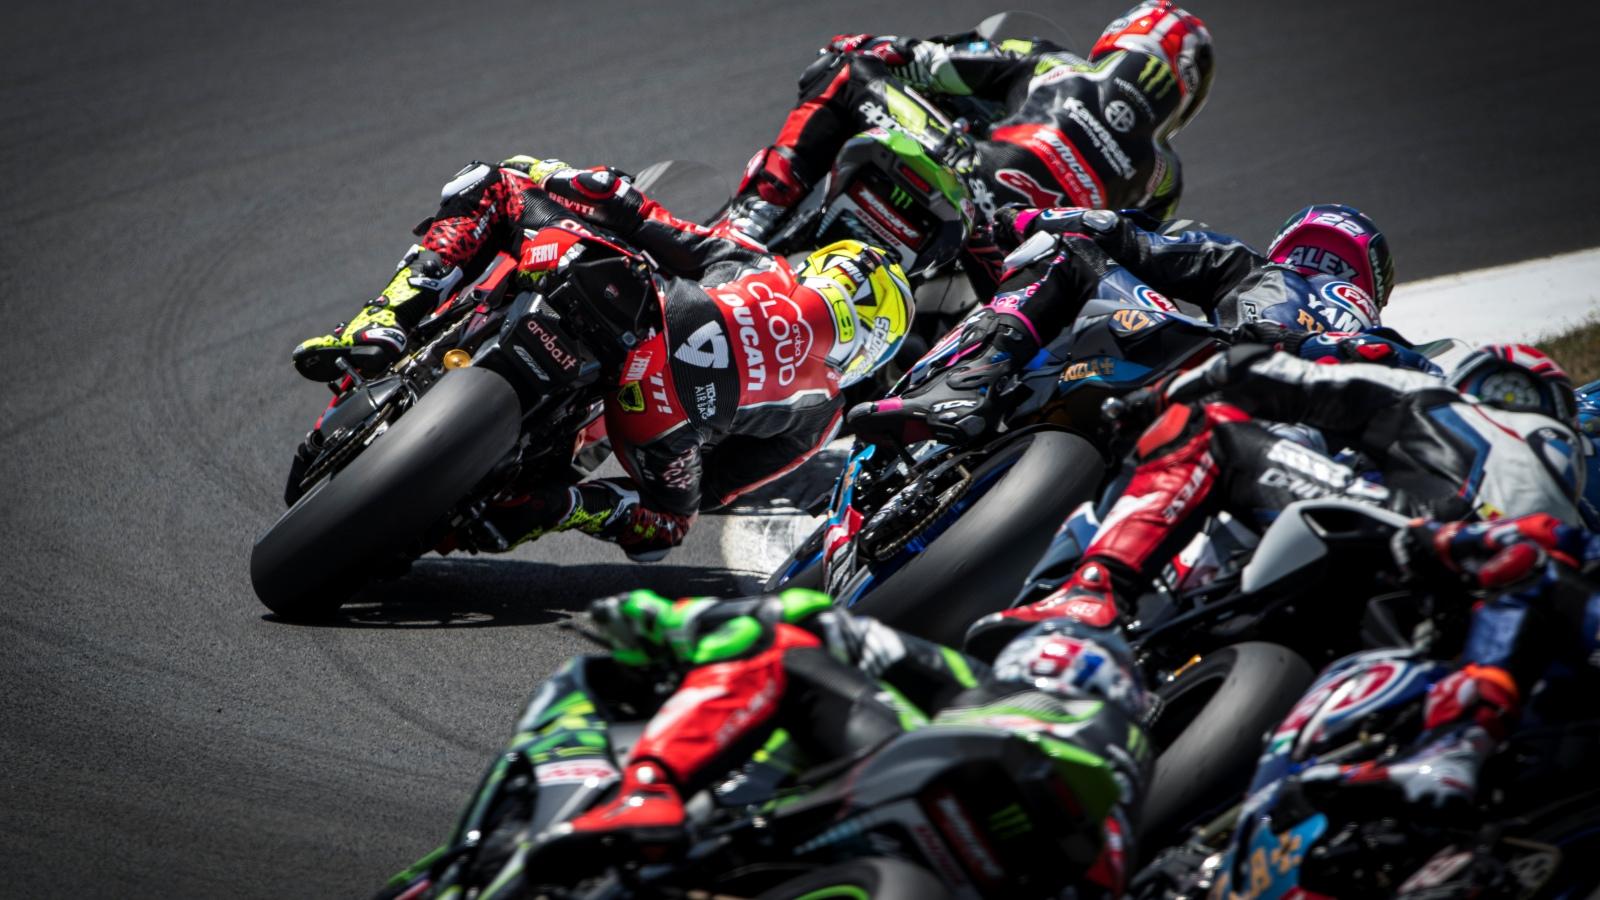 El WorldSBK 2020 se reanudará en Jerez y tres rondas cambian de fecha